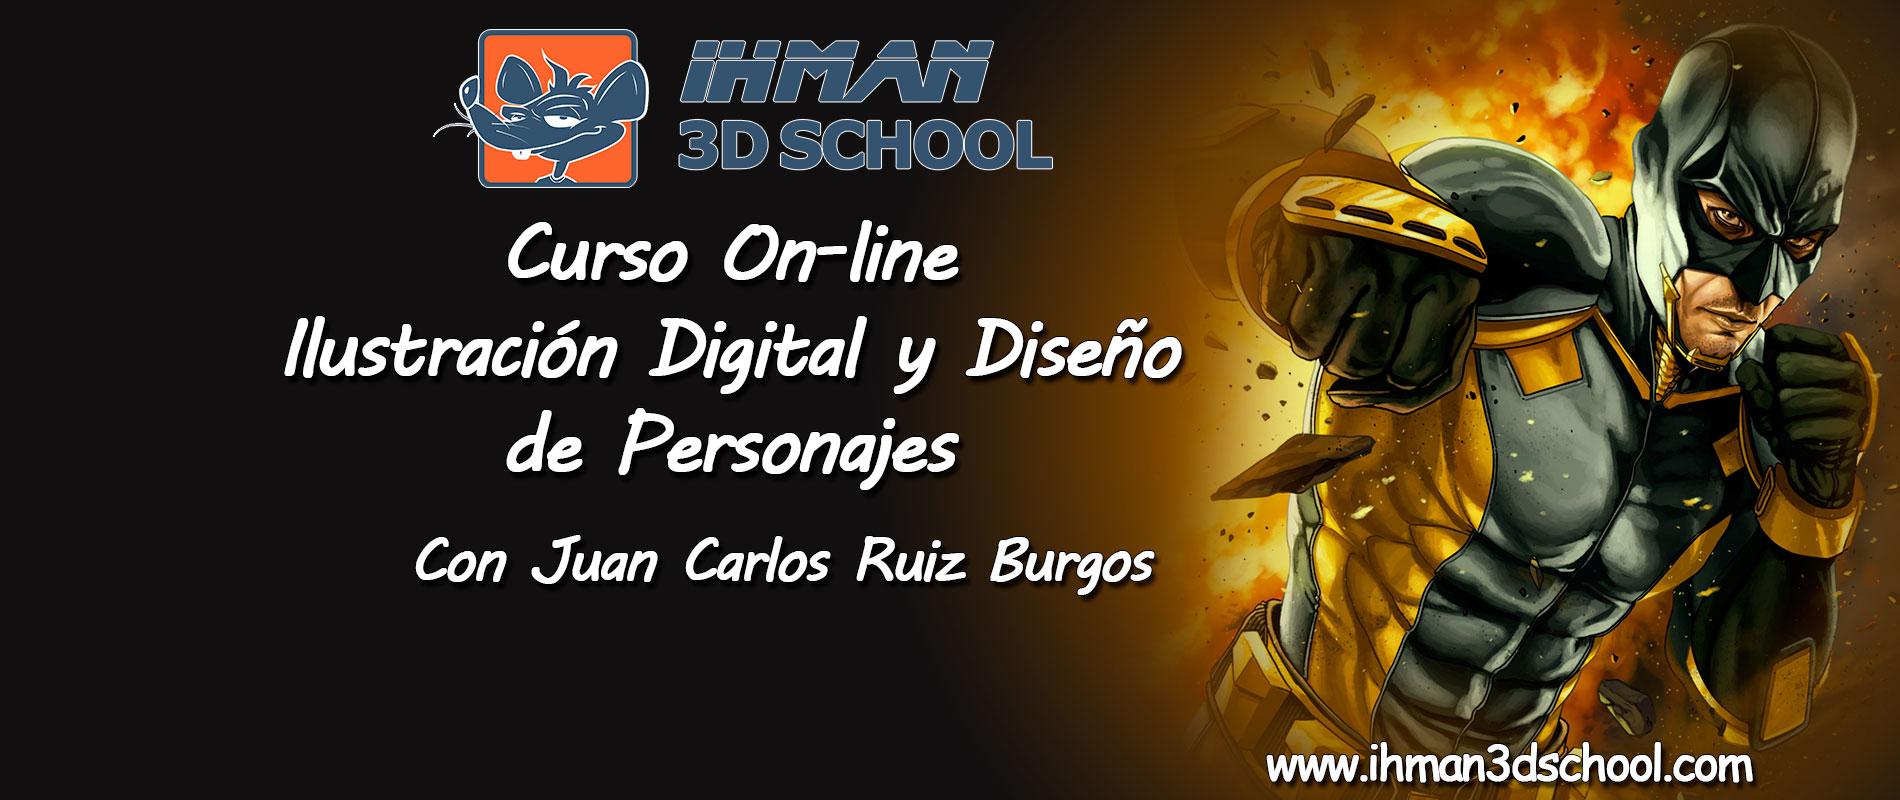 Presentación Ihman 3D School-facebook_ilsutracio-n_digital.jpg